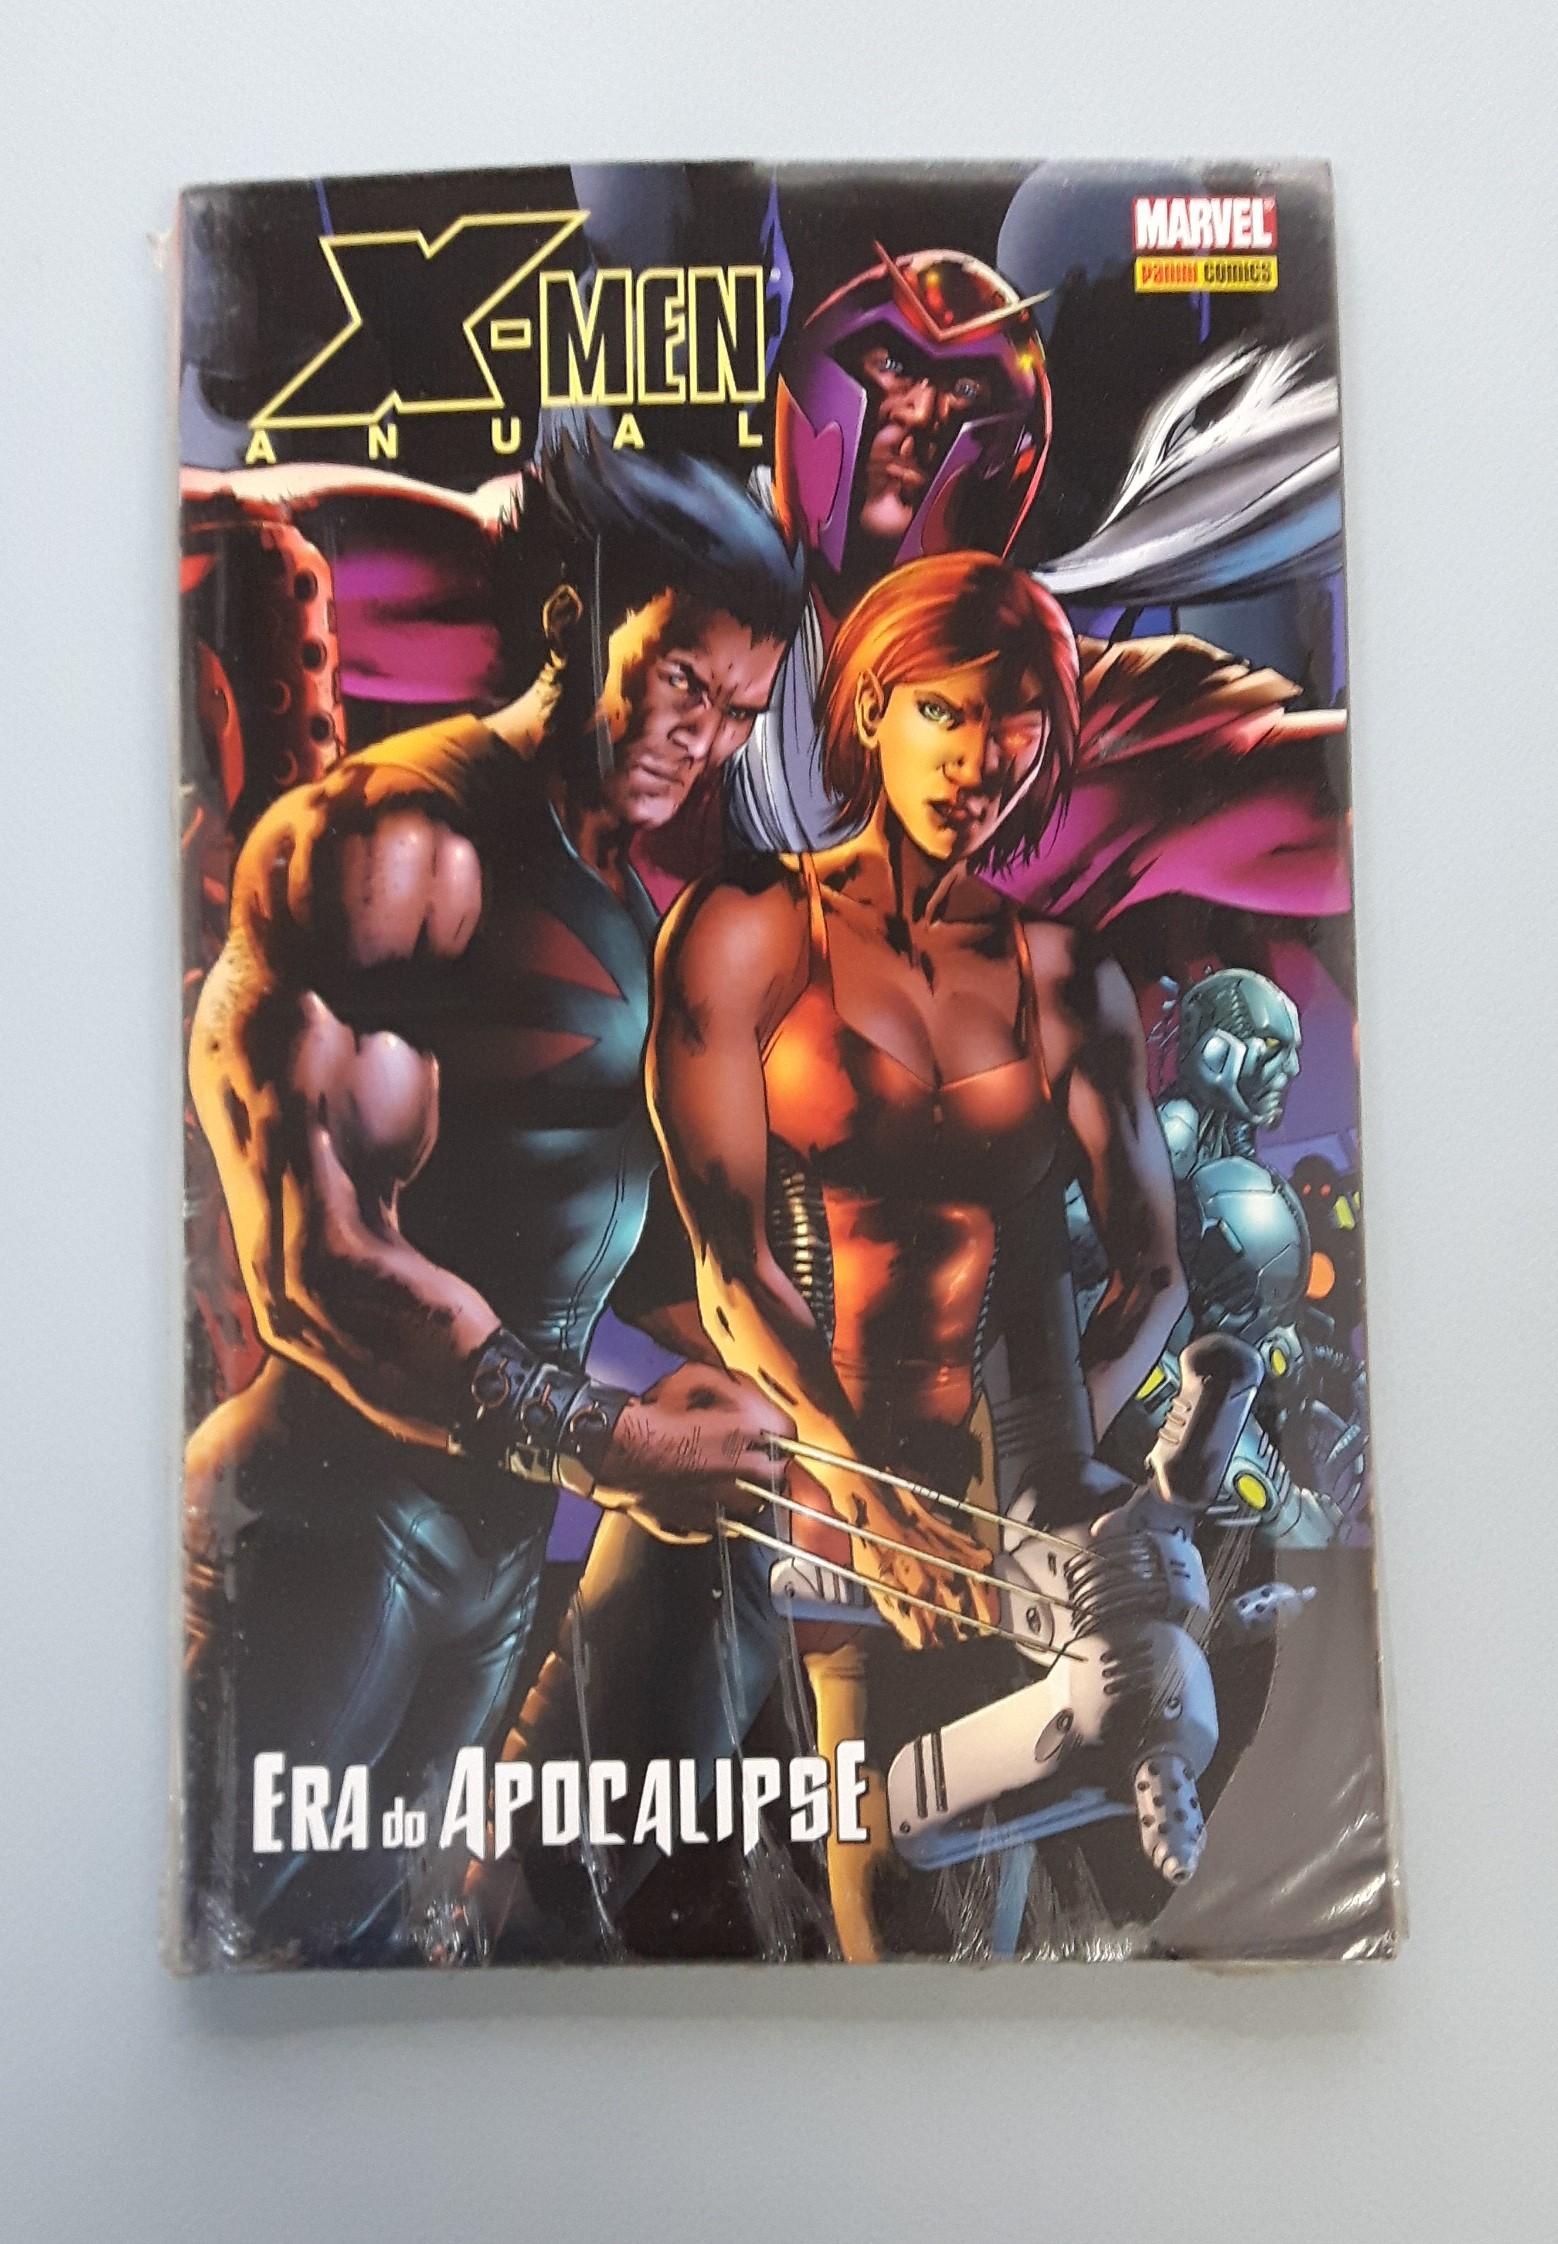 X-MEN ANUAL #1